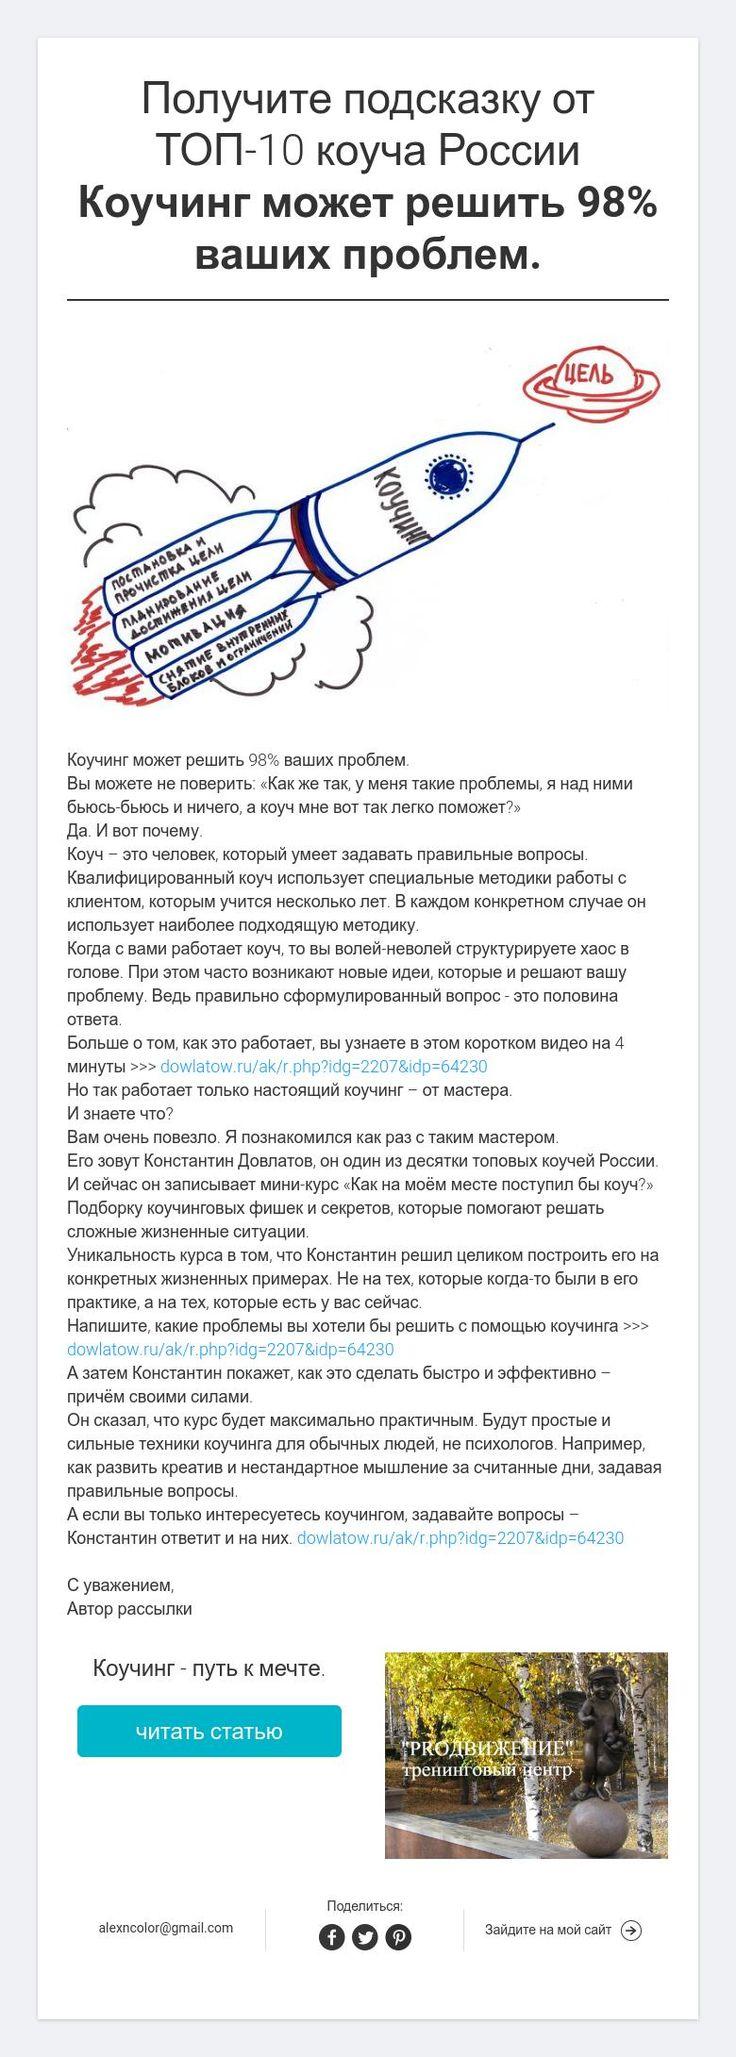 Получите подсказку от ТОП-10 коуча России  Коучинг может решить 98% ваших проблем.